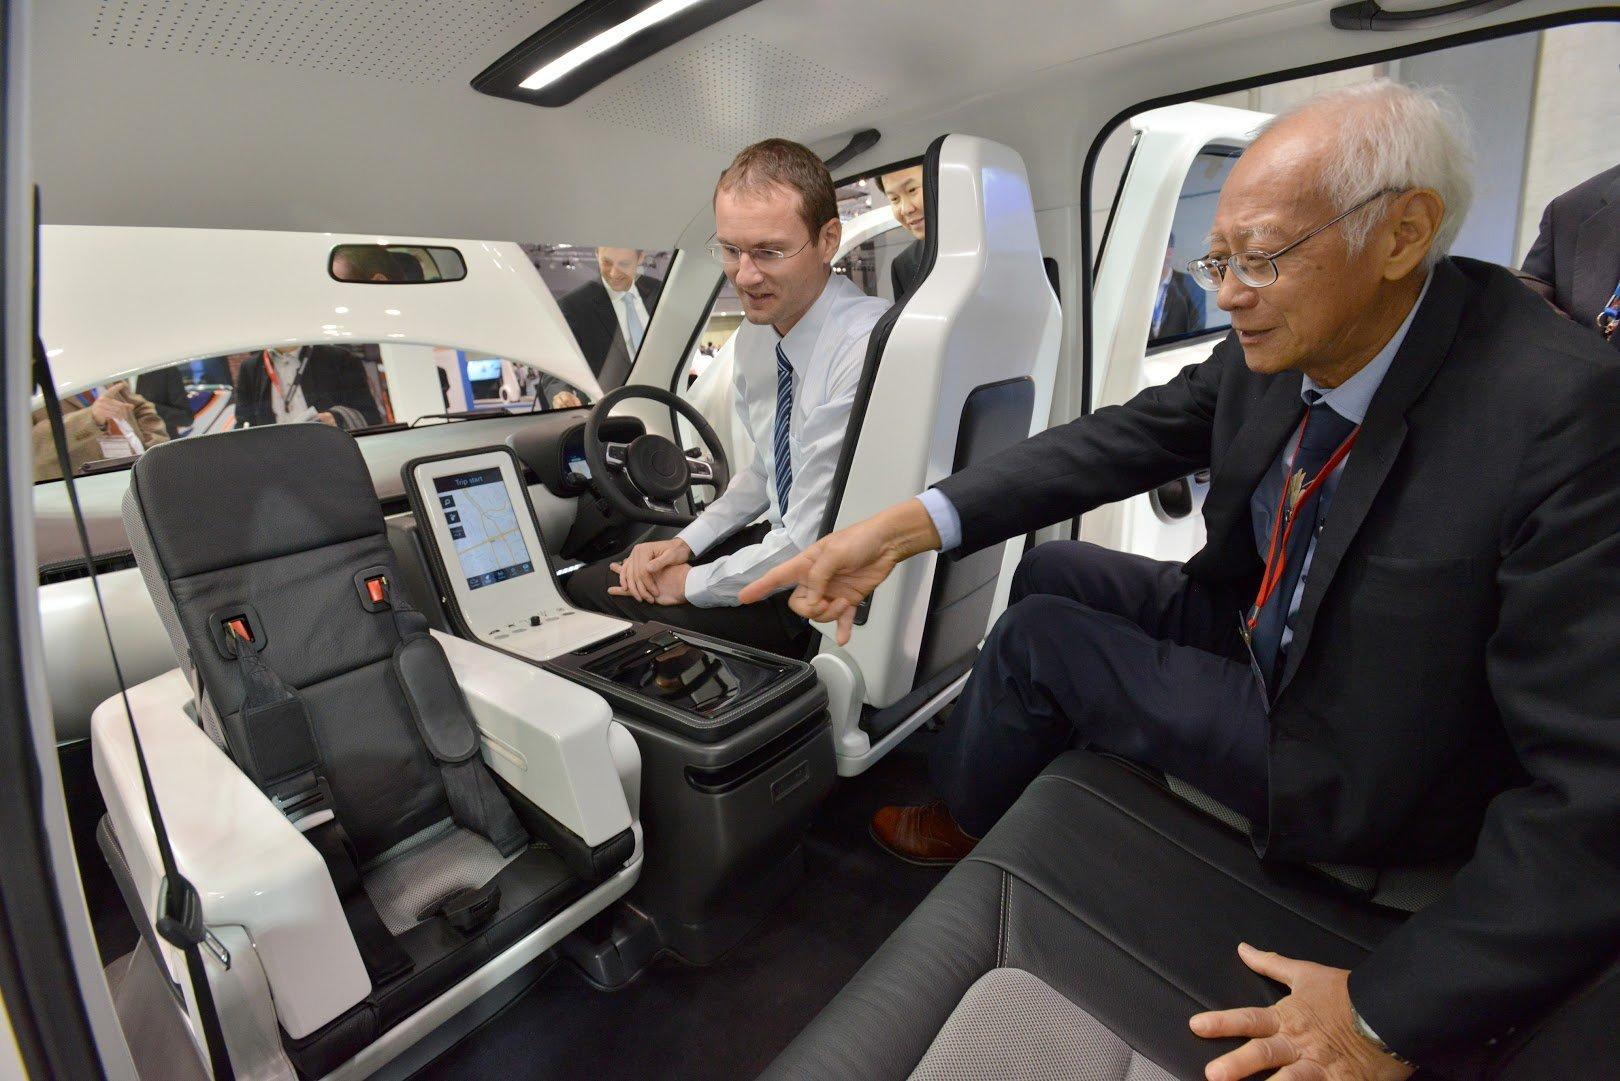 Auch der Innenraum des Elektrotaxis Eva ist ungewöhnlich: Ein Sitz lässt sich umklappen und als Kindersitz nutzen. Zudem verfügt das Auto über eine Klimatechnik, die jeden einzelnen Sitzplatz individuell kühlt.